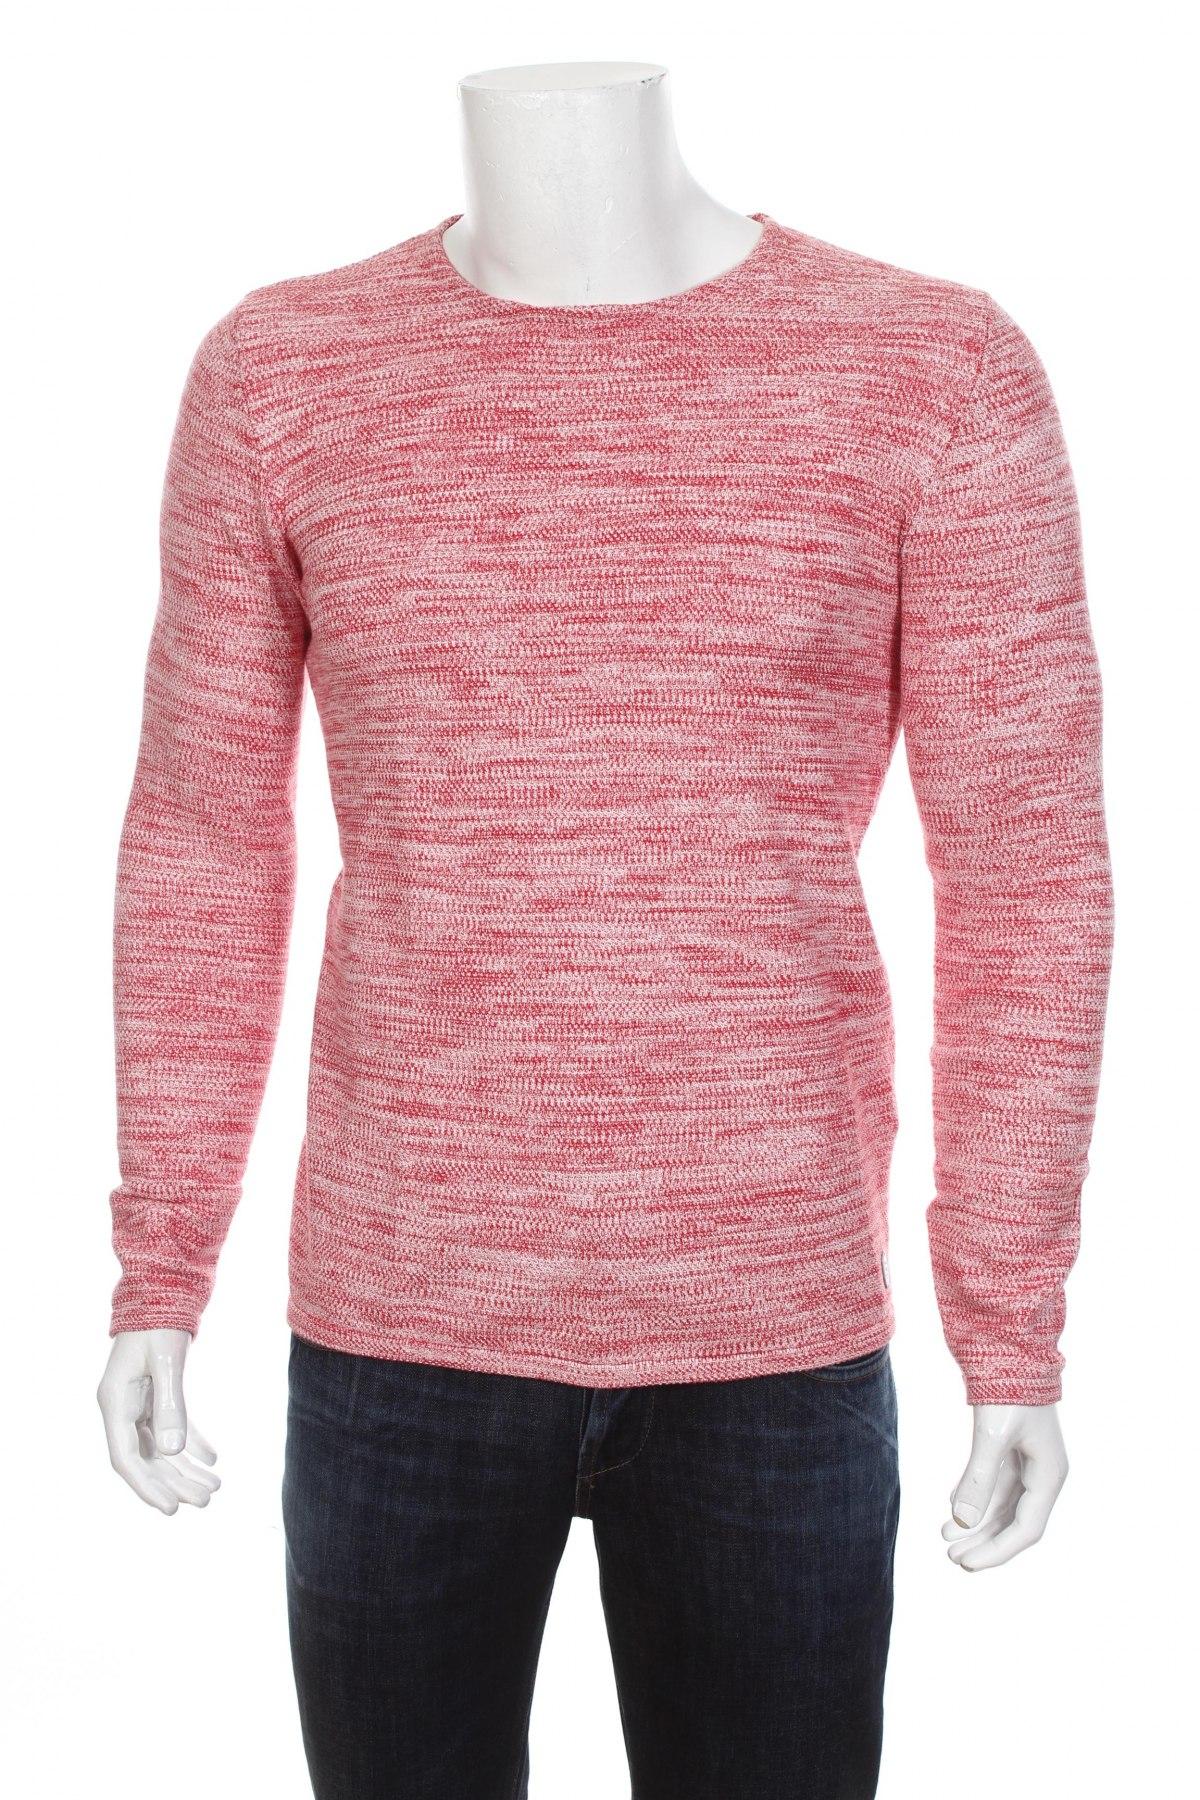 789773bffa1a Pánský svetr Tom Tailor - za vyhodnou cenu na Remix -  104463571